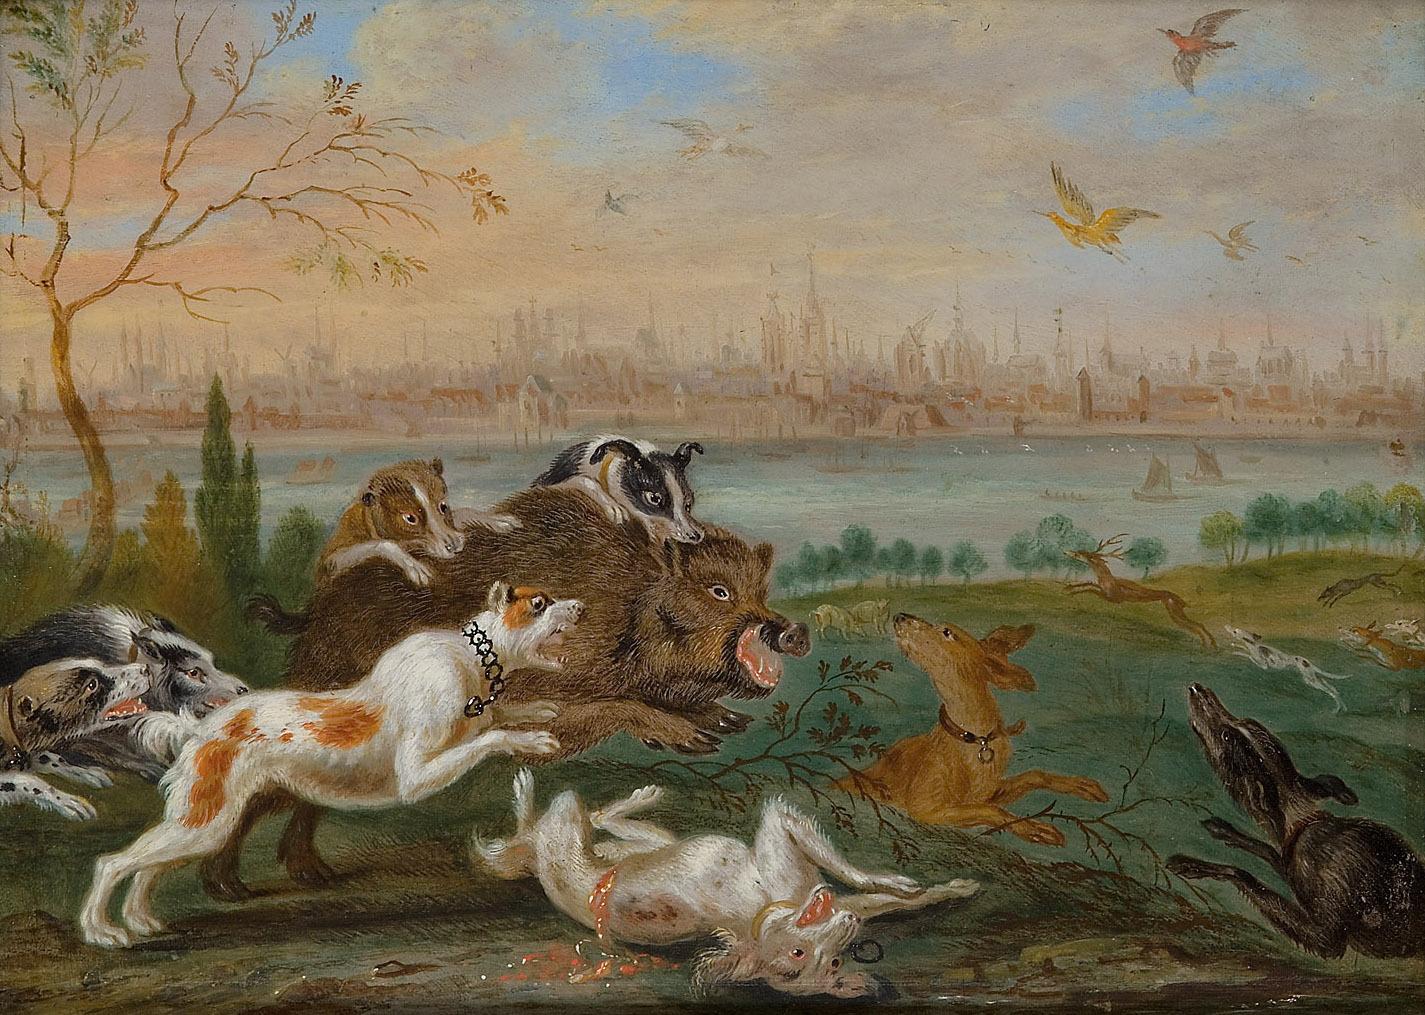 Ansichten aus den vier Weltteilen mit Szenen von Tieren: Köln von Ferdinand van Kessel